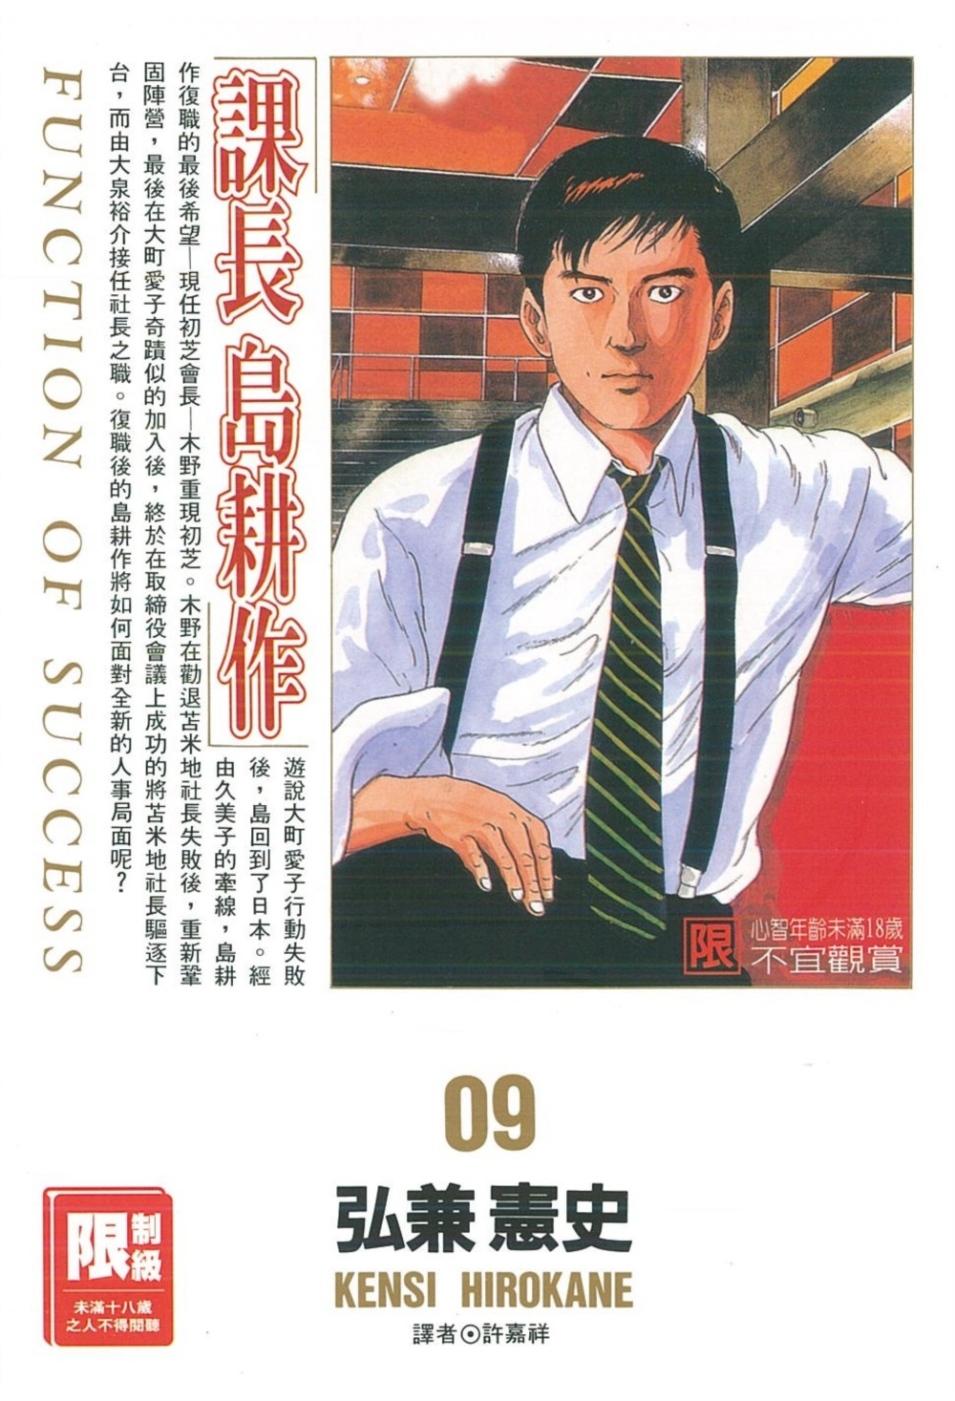 課長島耕作(09)(限)(限台...